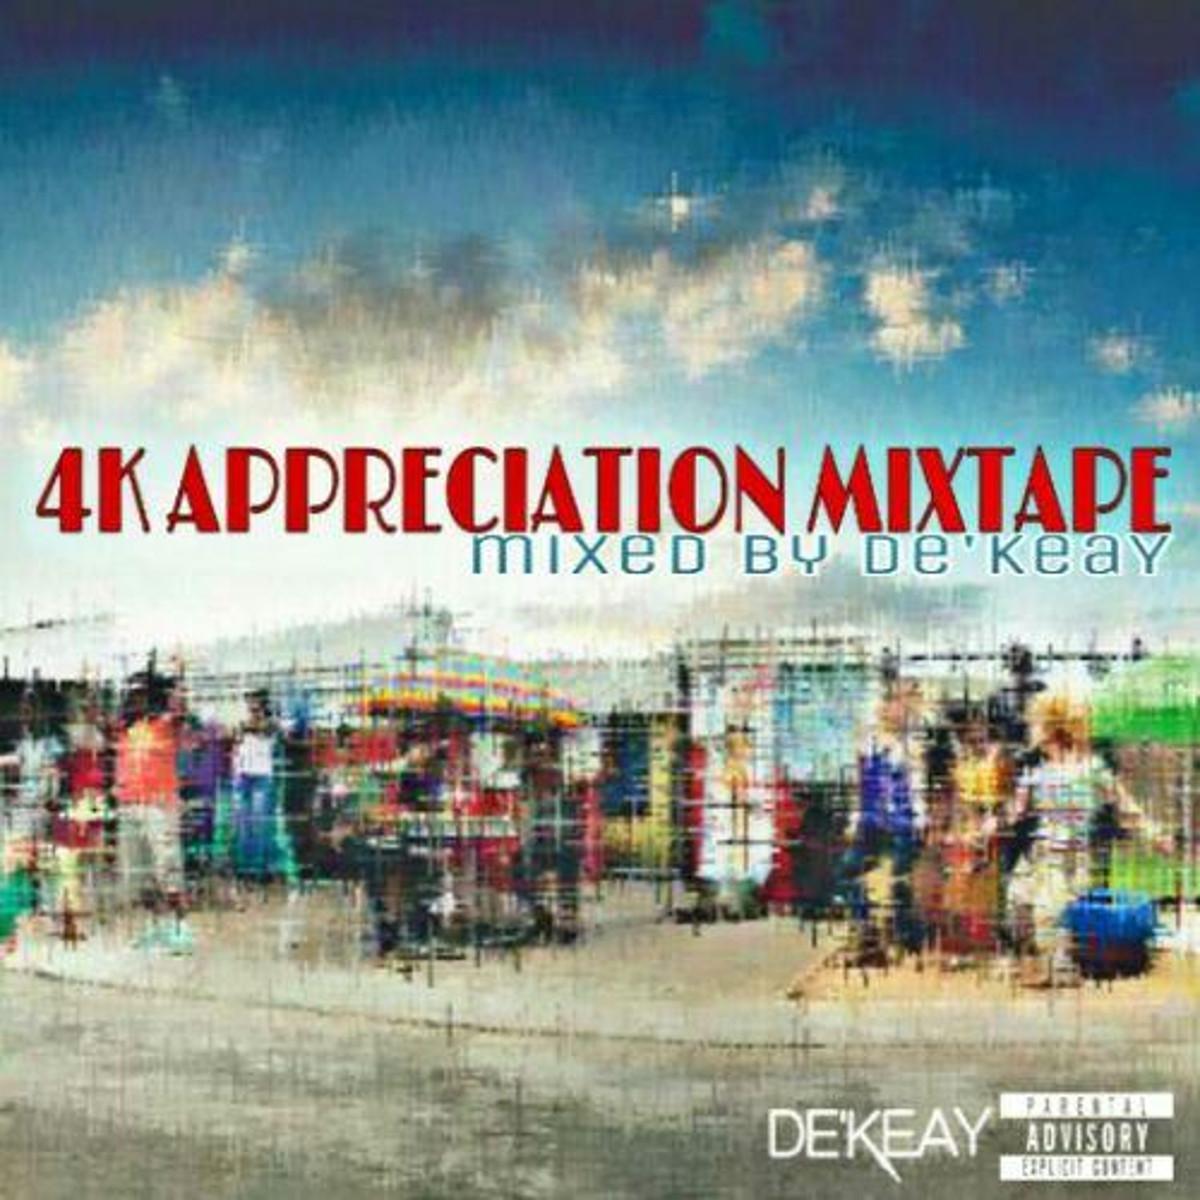 DeKeaY SA 4K Appreciation Mixtape - De'KeaY SA – 4K Appreciation Mixtape